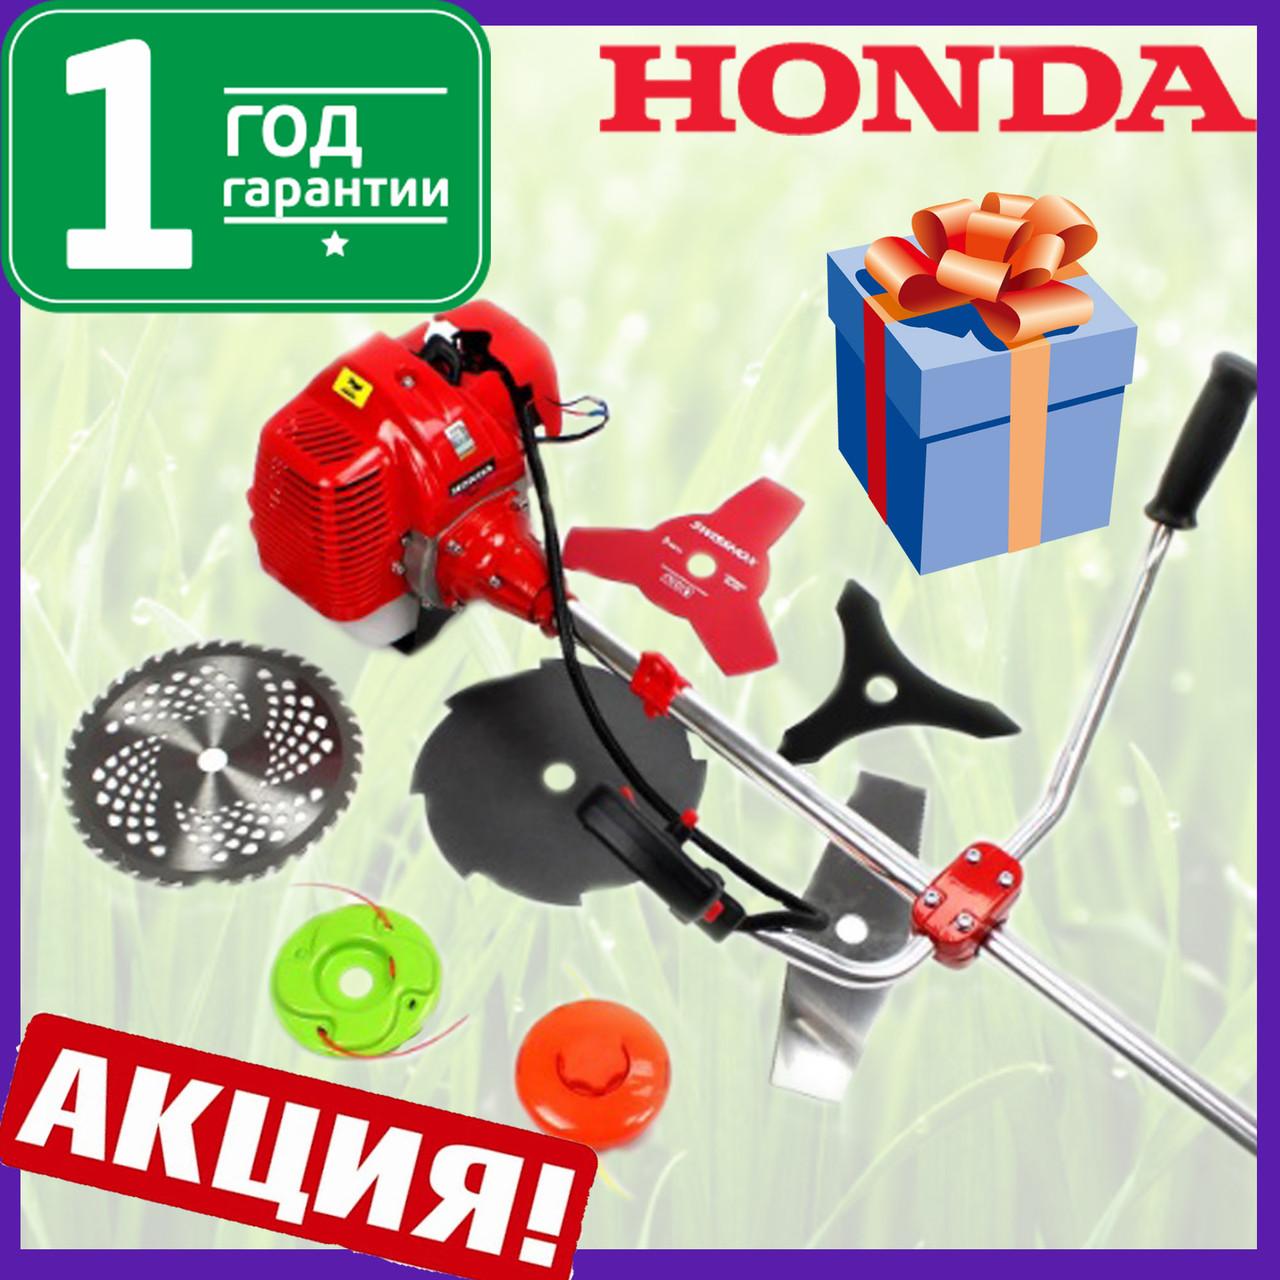 Мотокоса Бензокоса Хонда RBC 525L 3.8 кВт,  HONDA .